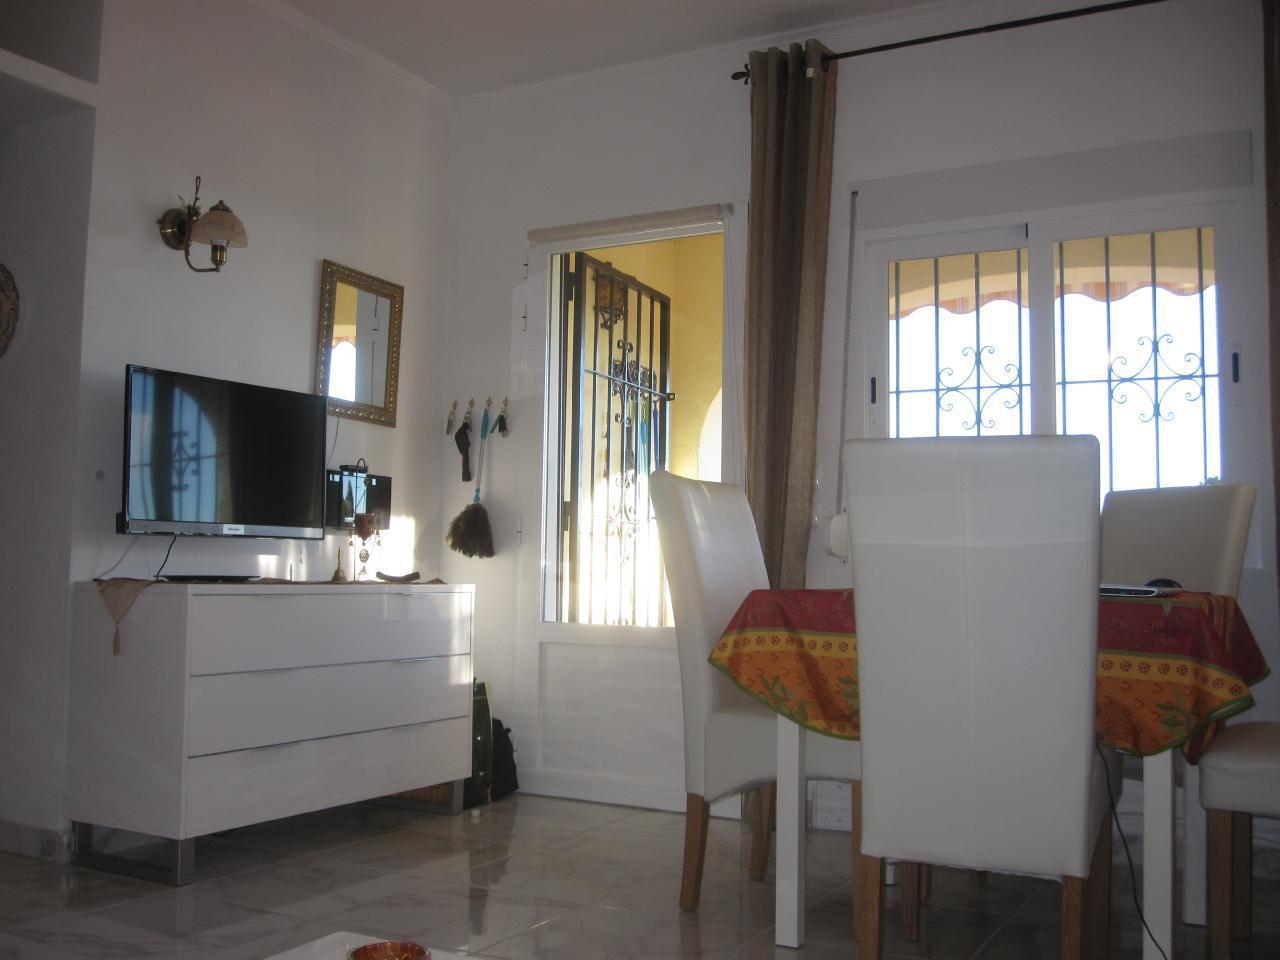 Ferienhaus Komfortabler Meerblick-Bungalow mit Aircondition und Internet in Moraira-Teulada (1696168), Moraira, Costa Blanca, Valencia, Spanien, Bild 10